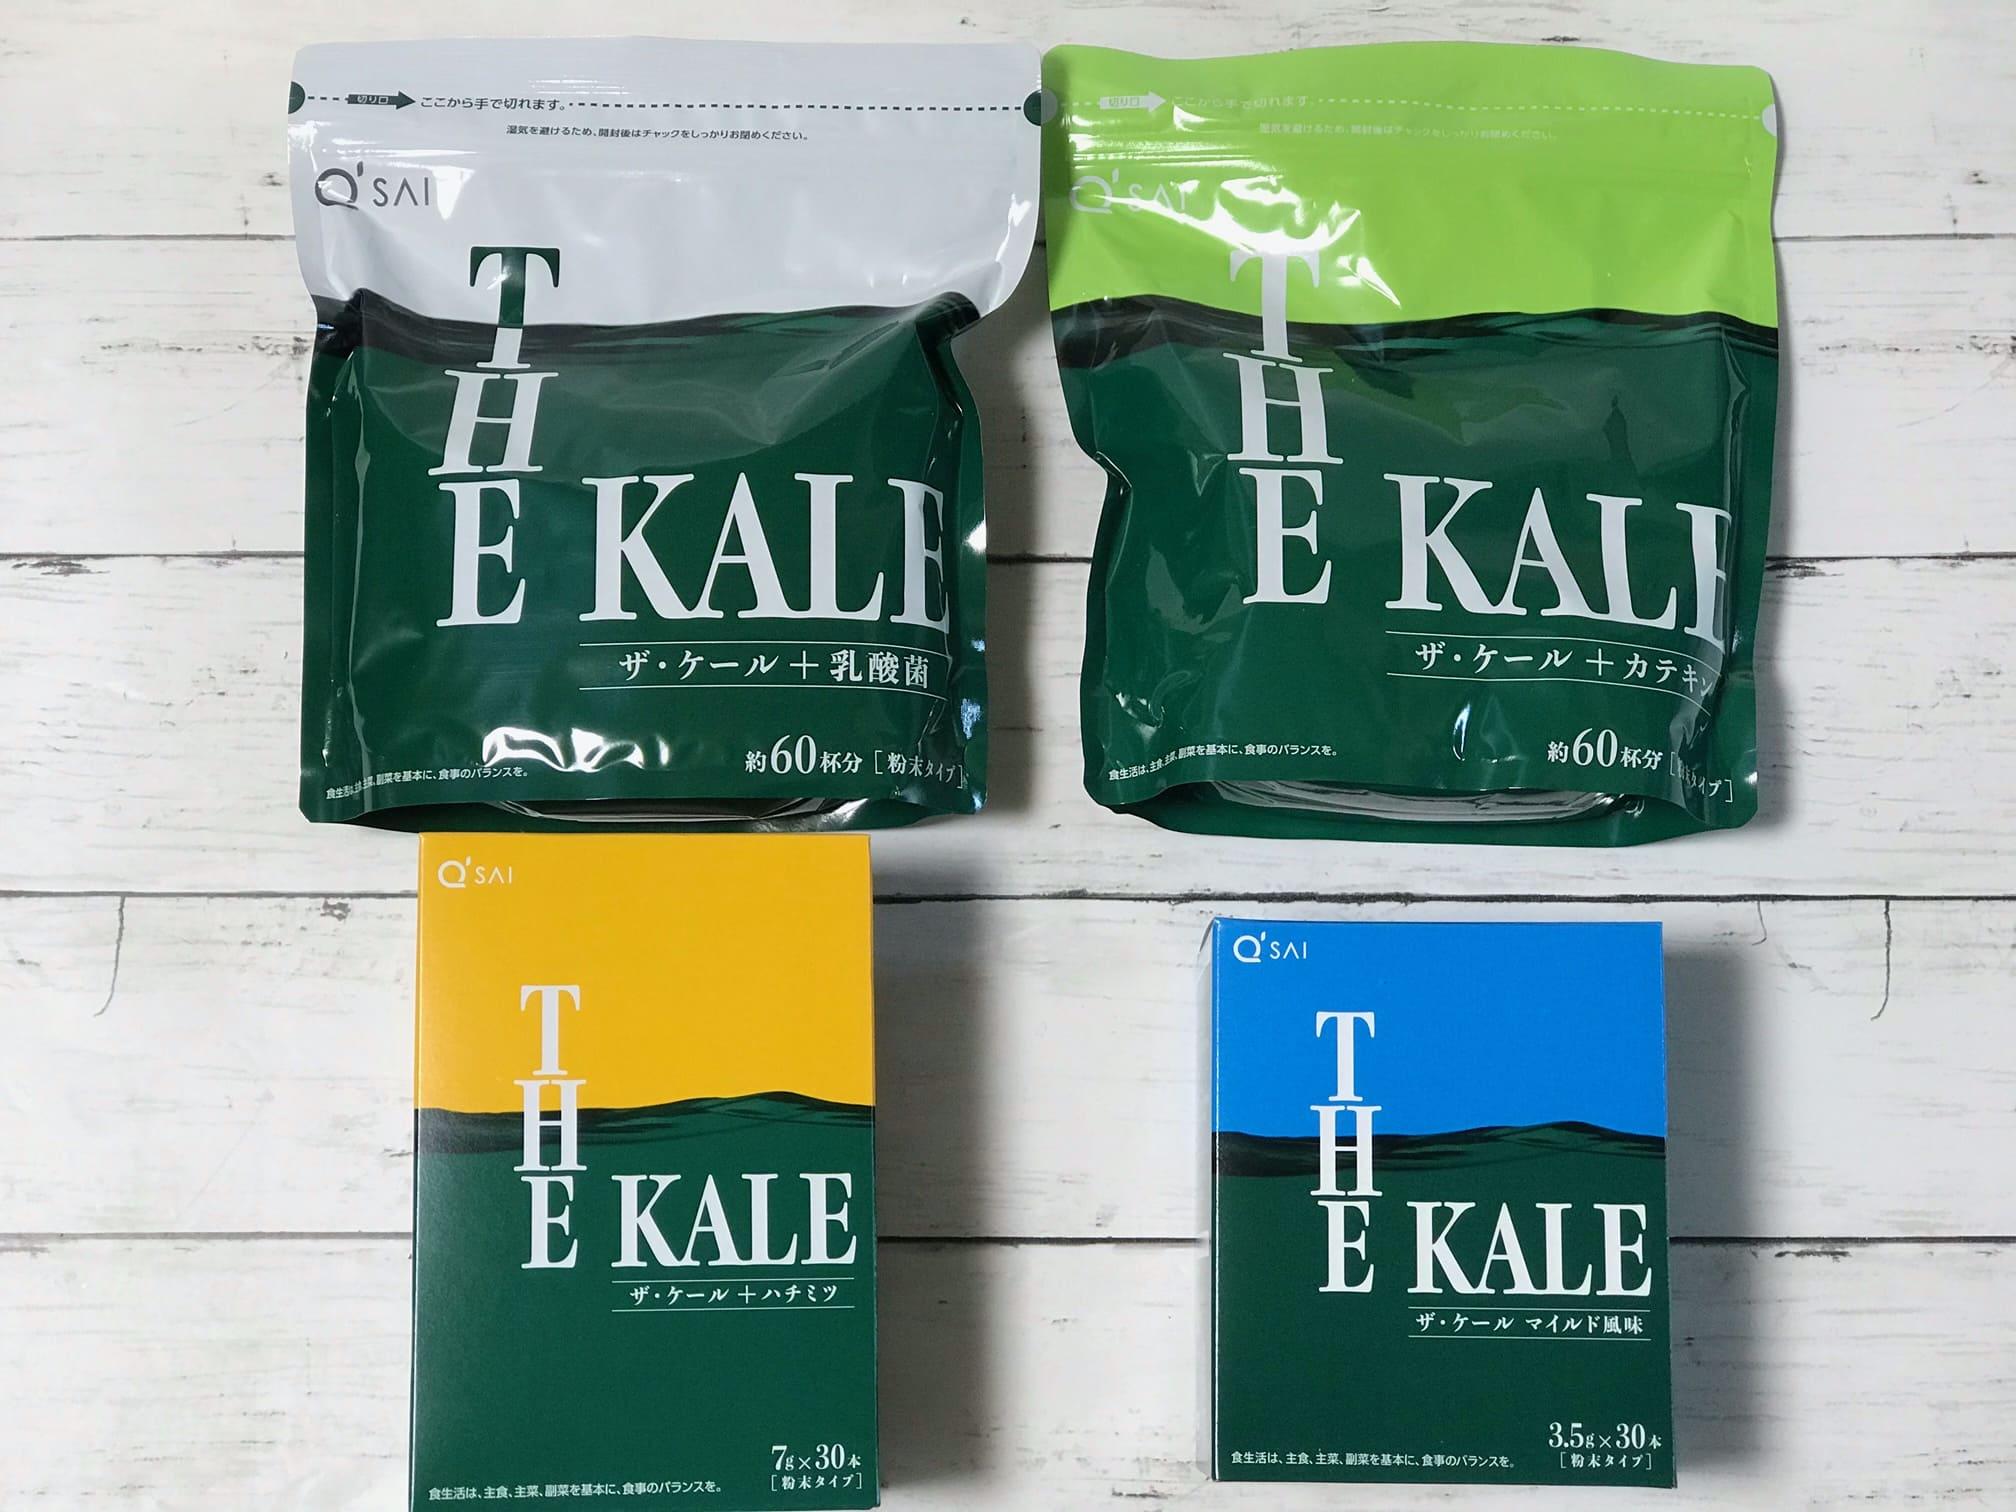 まずい?キューサイ青汁「ザ・ケール」カテキン/乳酸菌/ハチミツ/マイルド全種類飲んで確かめた!